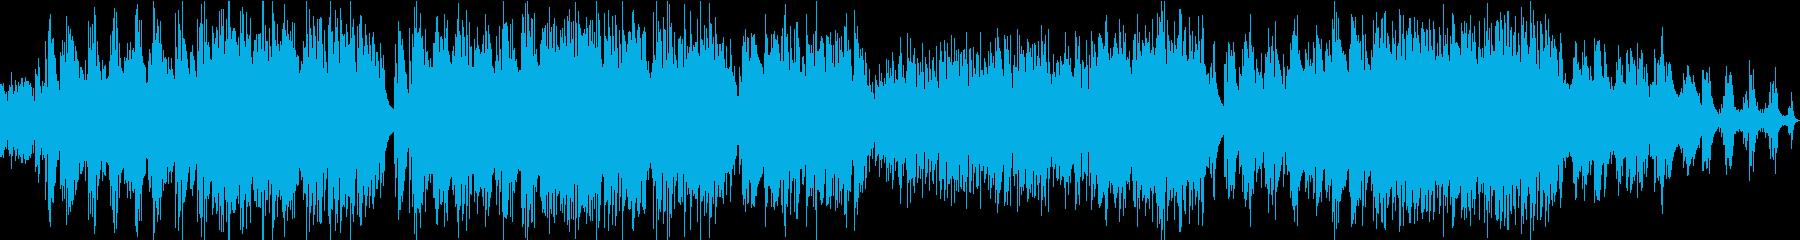 落ち着いた癒し系のギターデュオ曲の再生済みの波形